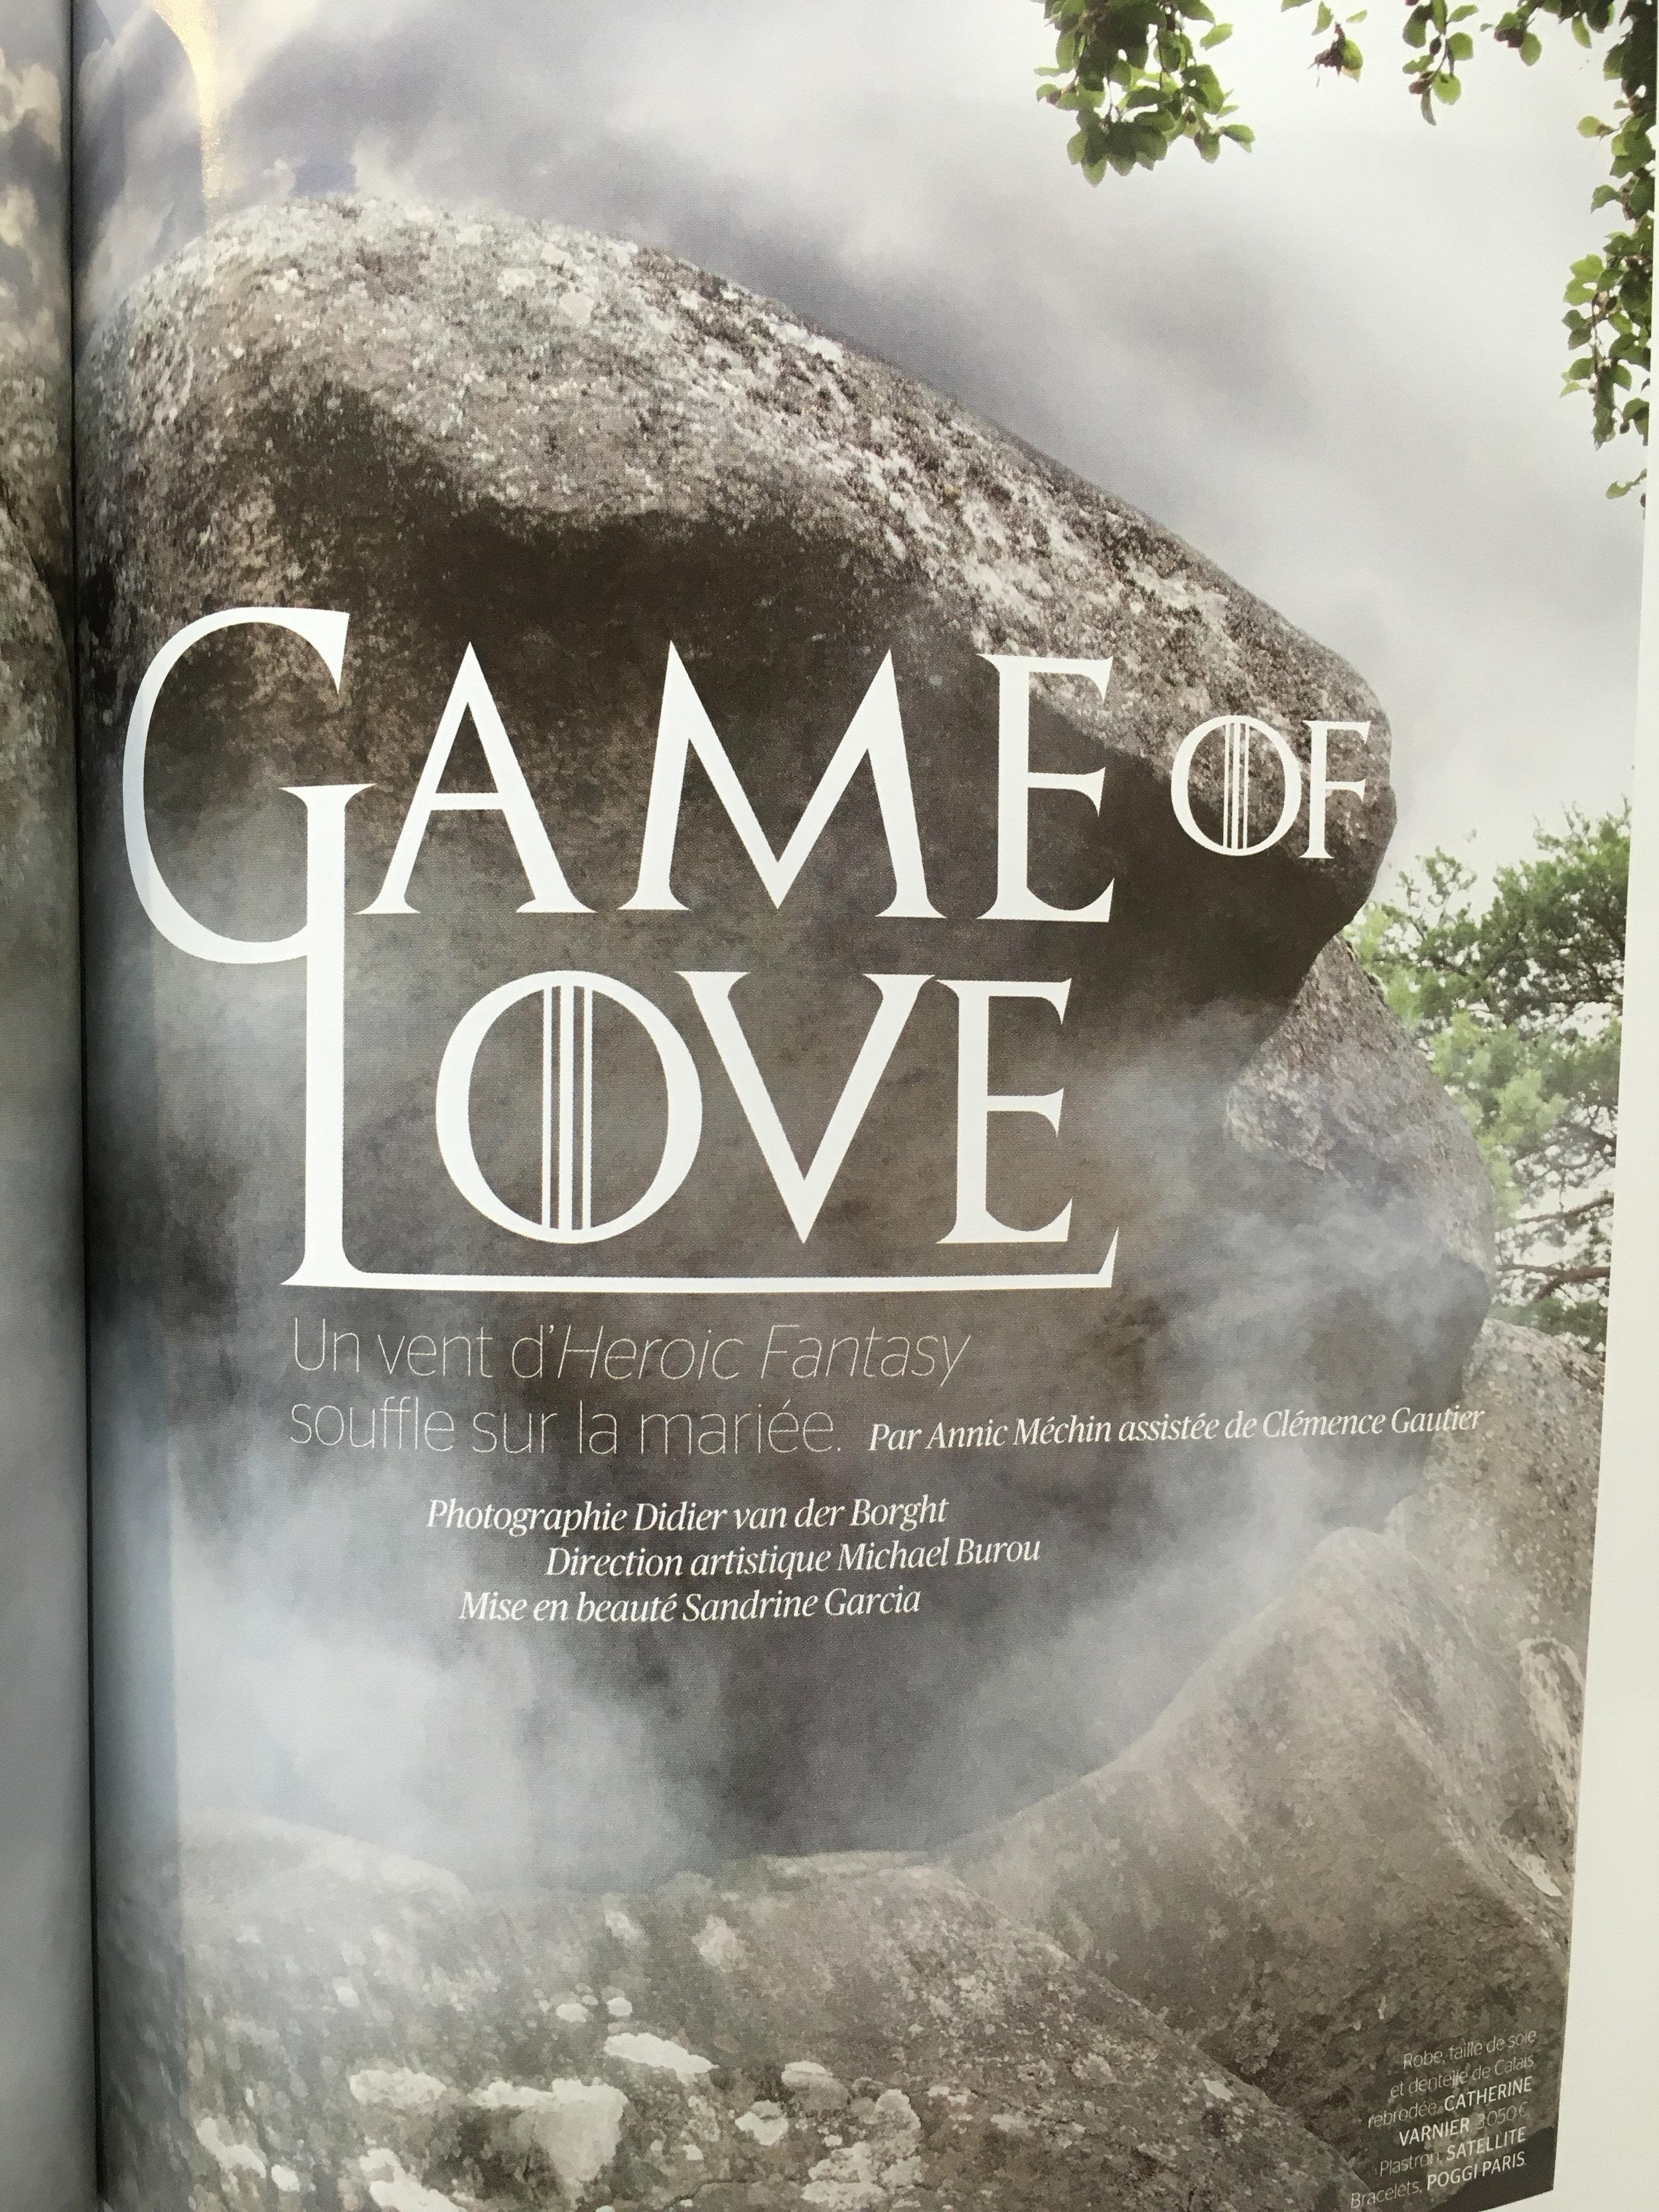 Oui magazine rédactionnel robe Agnès Szabelewski Eudocia pour série Game of Love.jpg